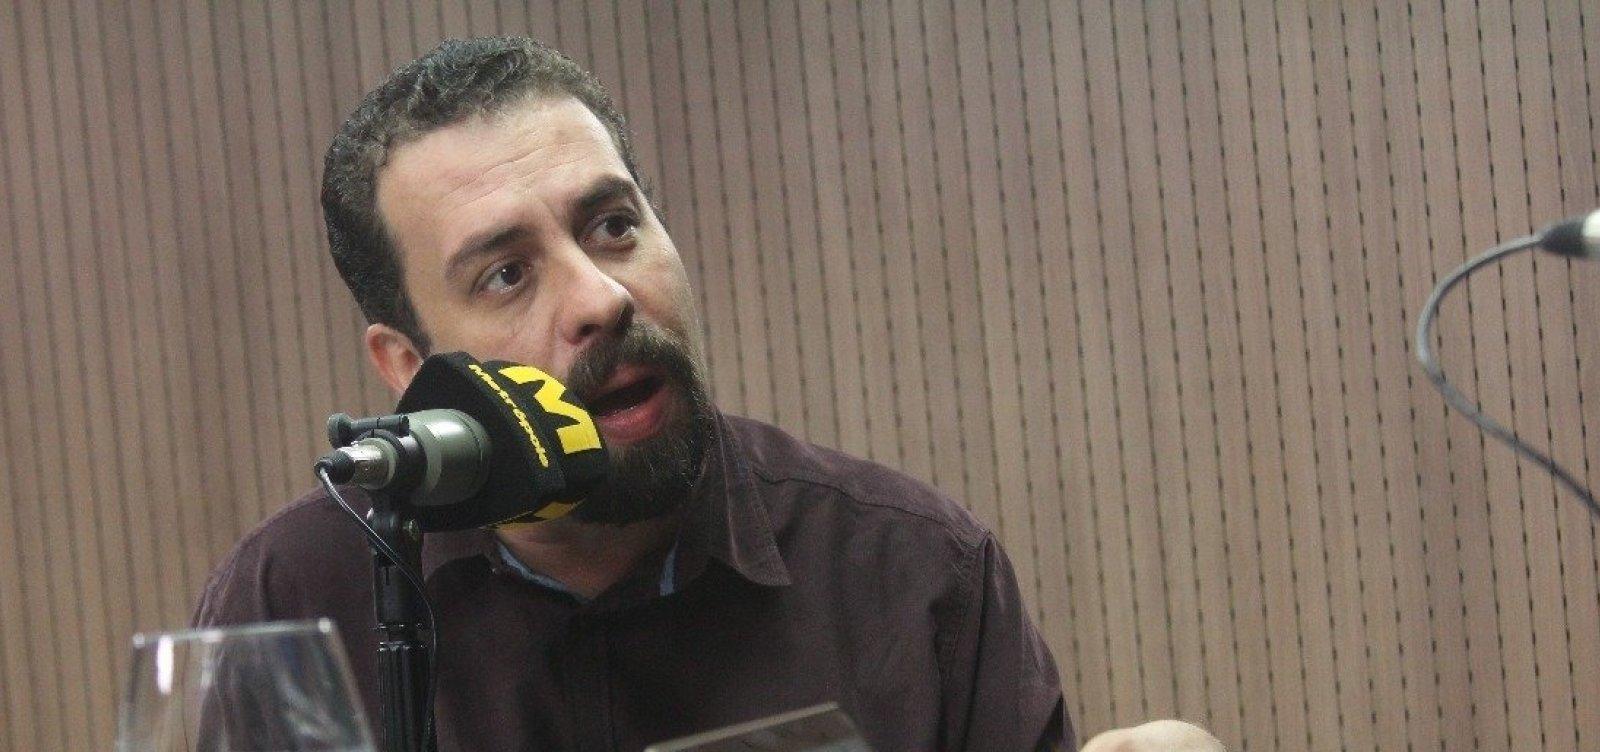 Judiciário tinha que moralizar 'o próprio quintal', critica Boulos